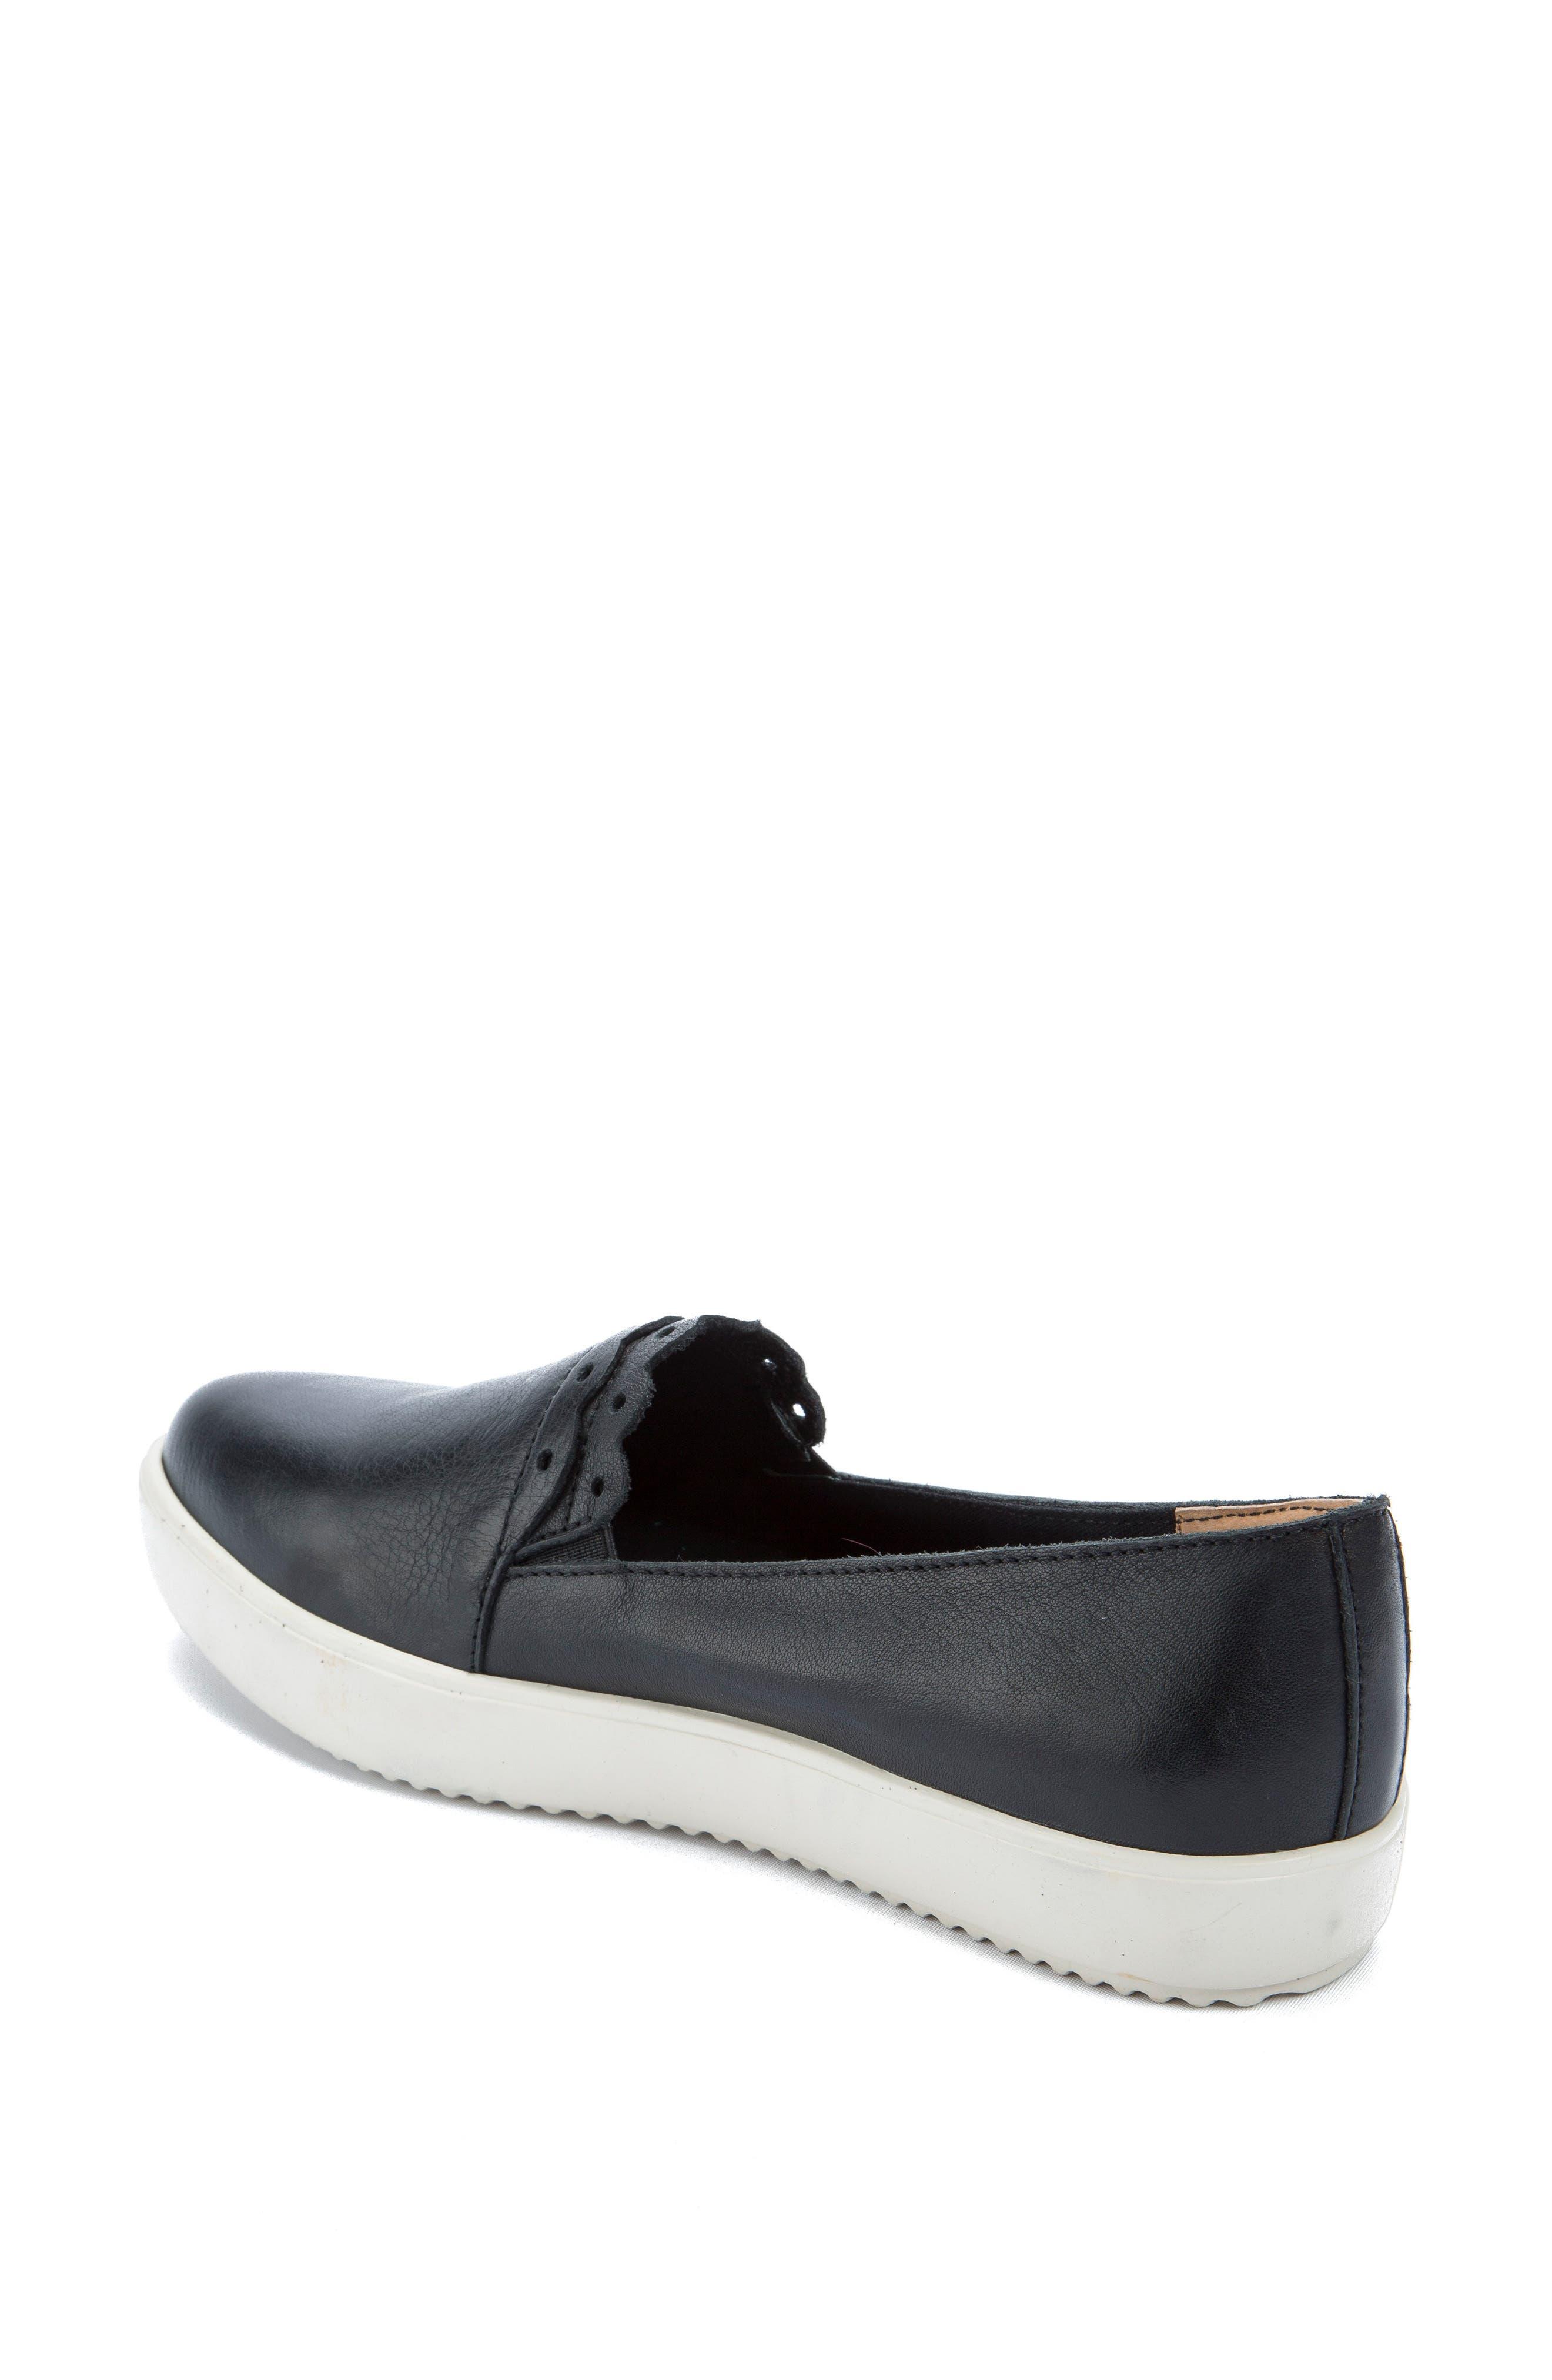 Roe Slip-On Sneaker,                             Alternate thumbnail 4, color,